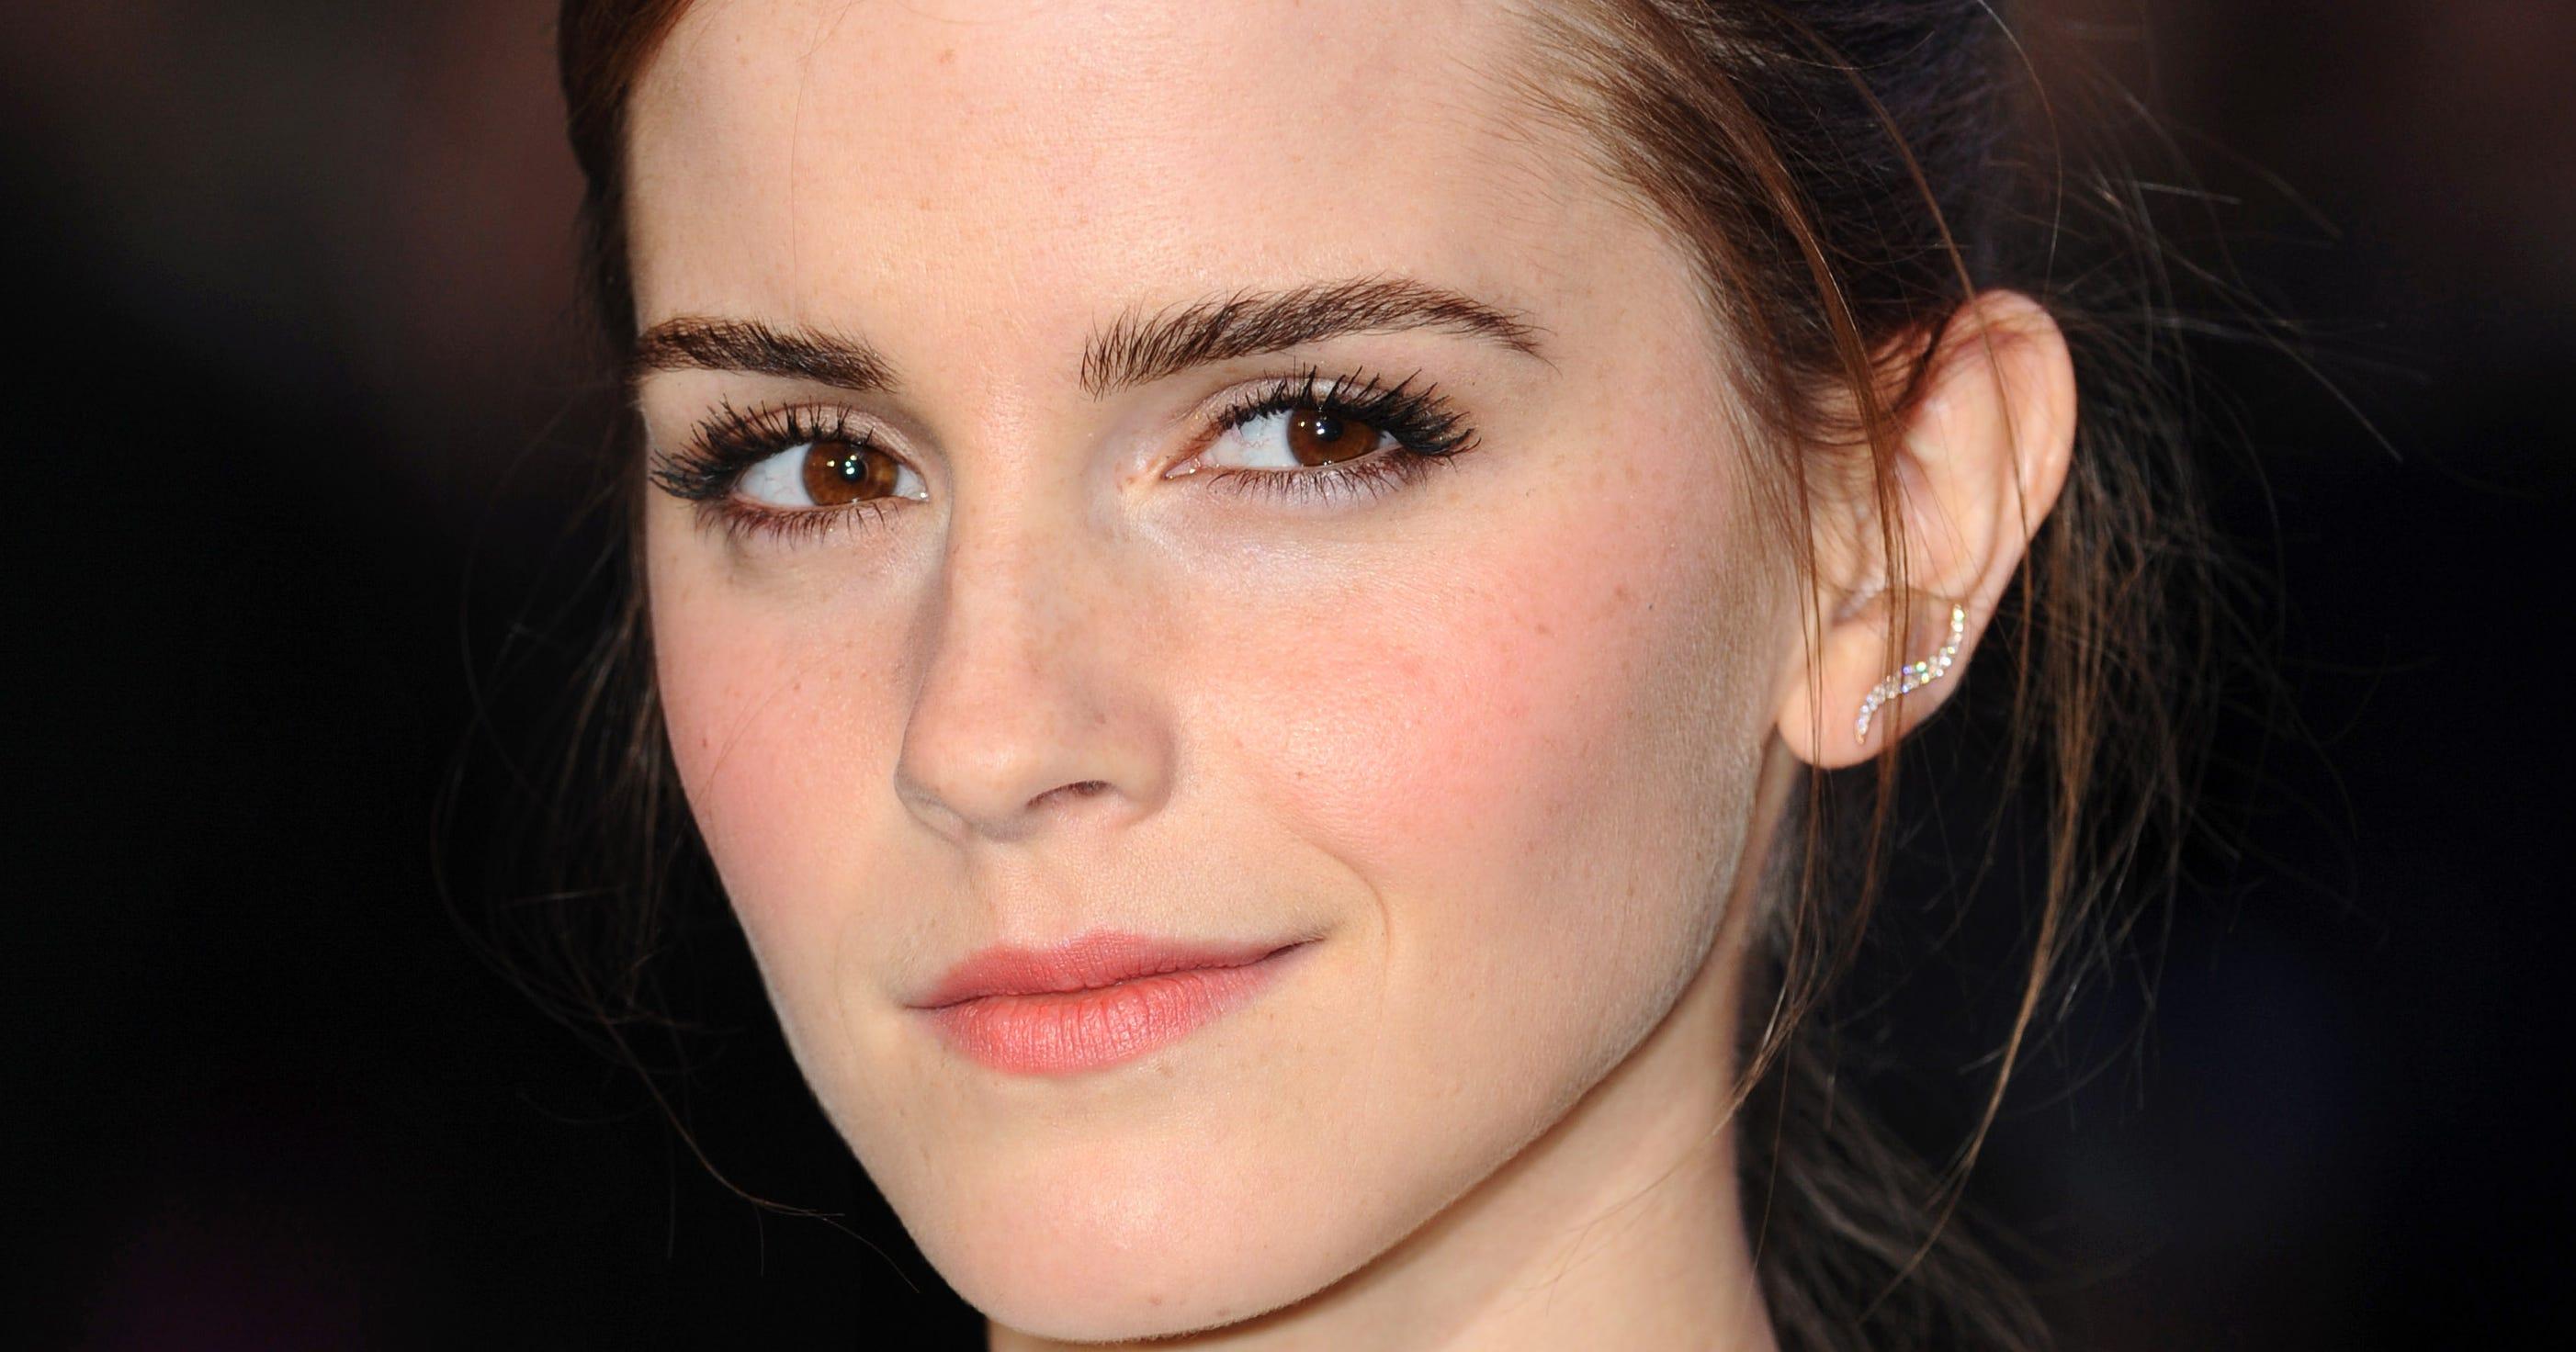 Emma Watson Celeb Jihad Nude Photos Cease And Desist